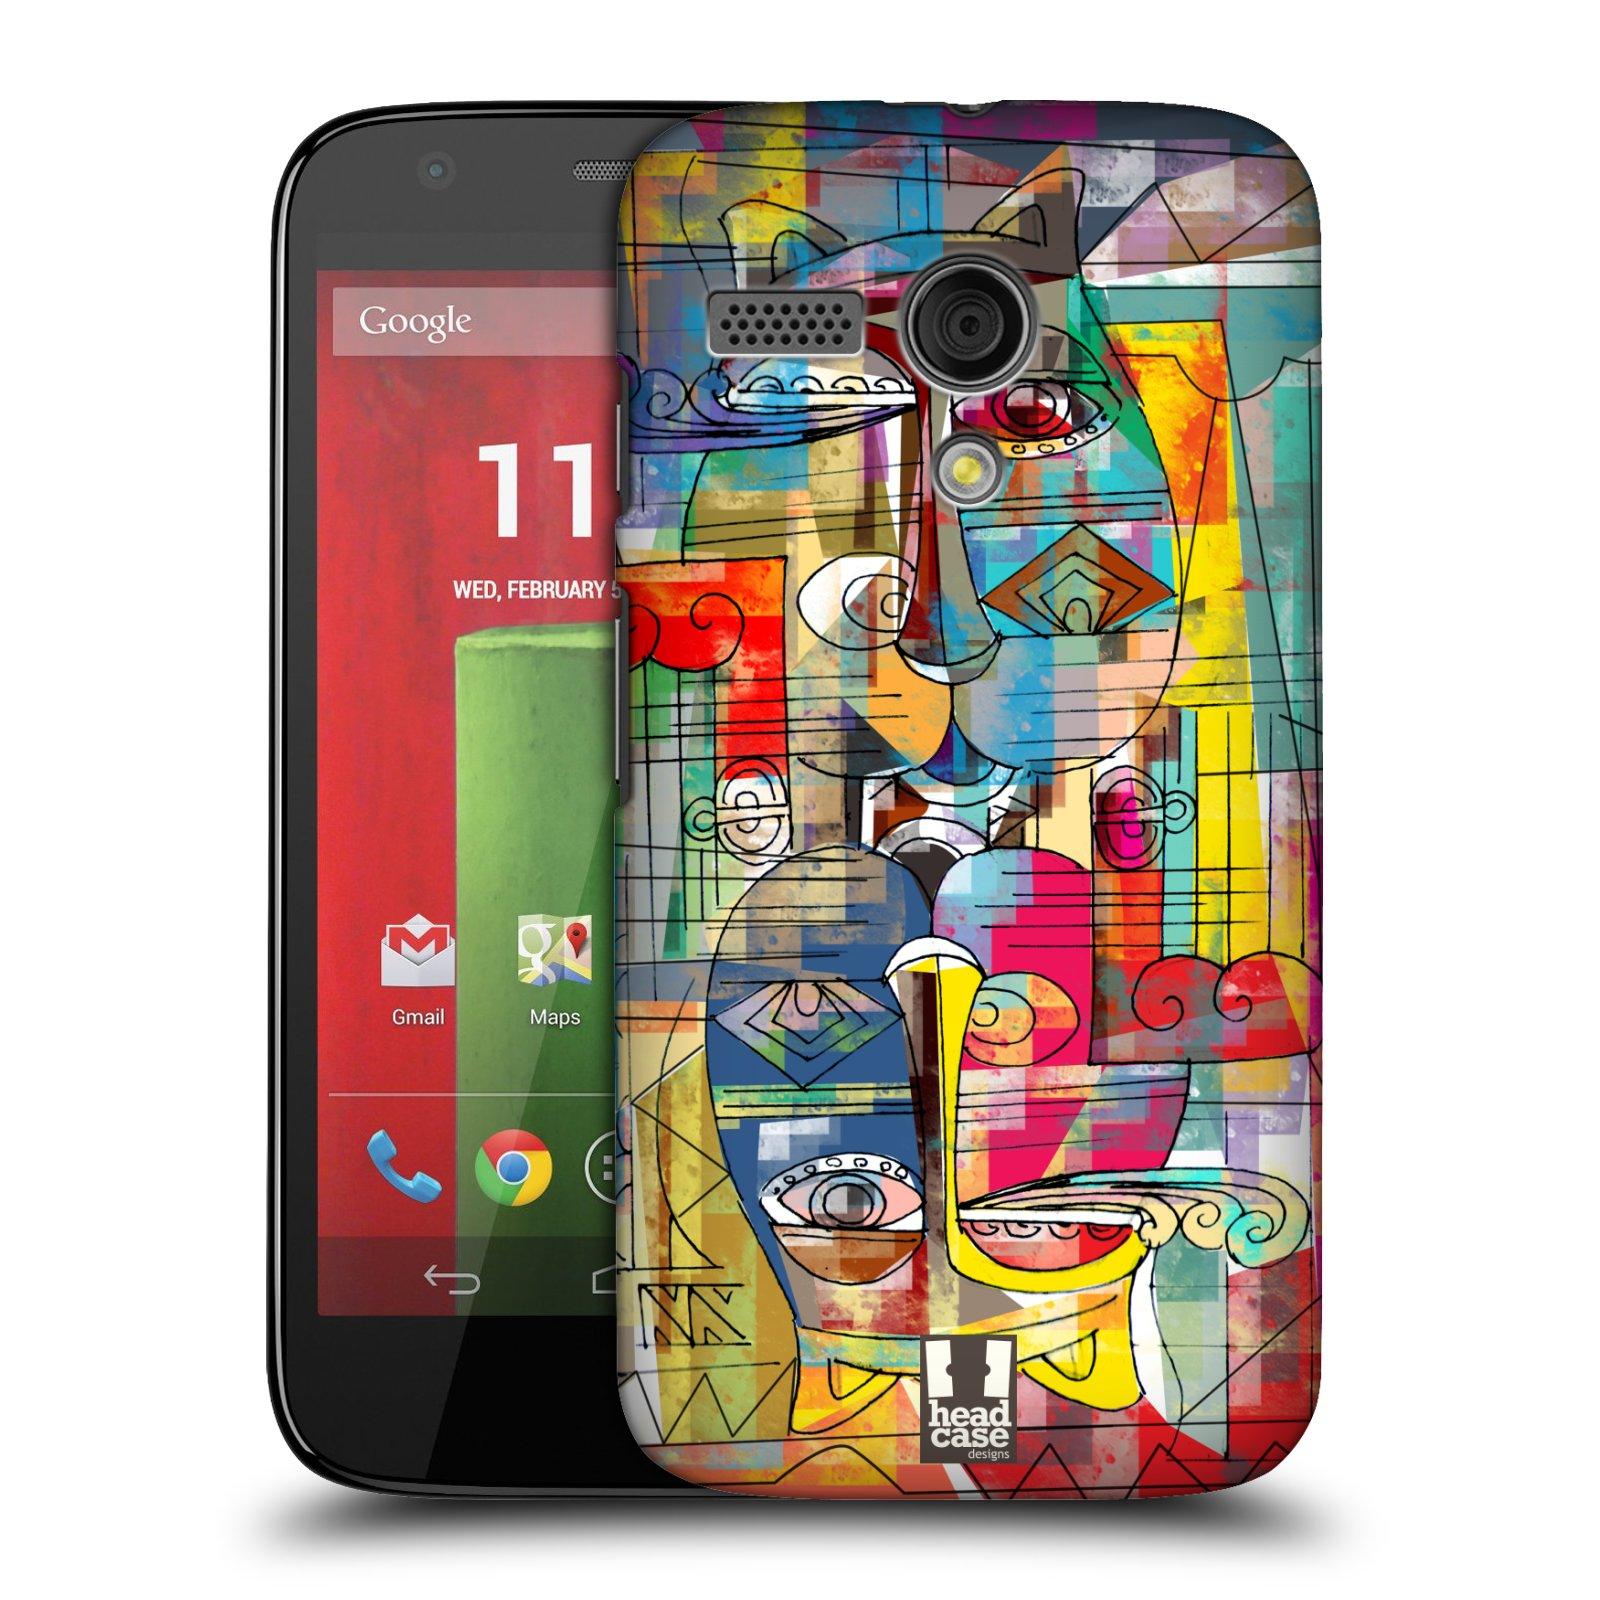 Plastové pouzdro na mobil Motorola Moto G HEAD CASE AZTEC MANX (Kryt či obal na mobilní telefon Motorola Moto G)